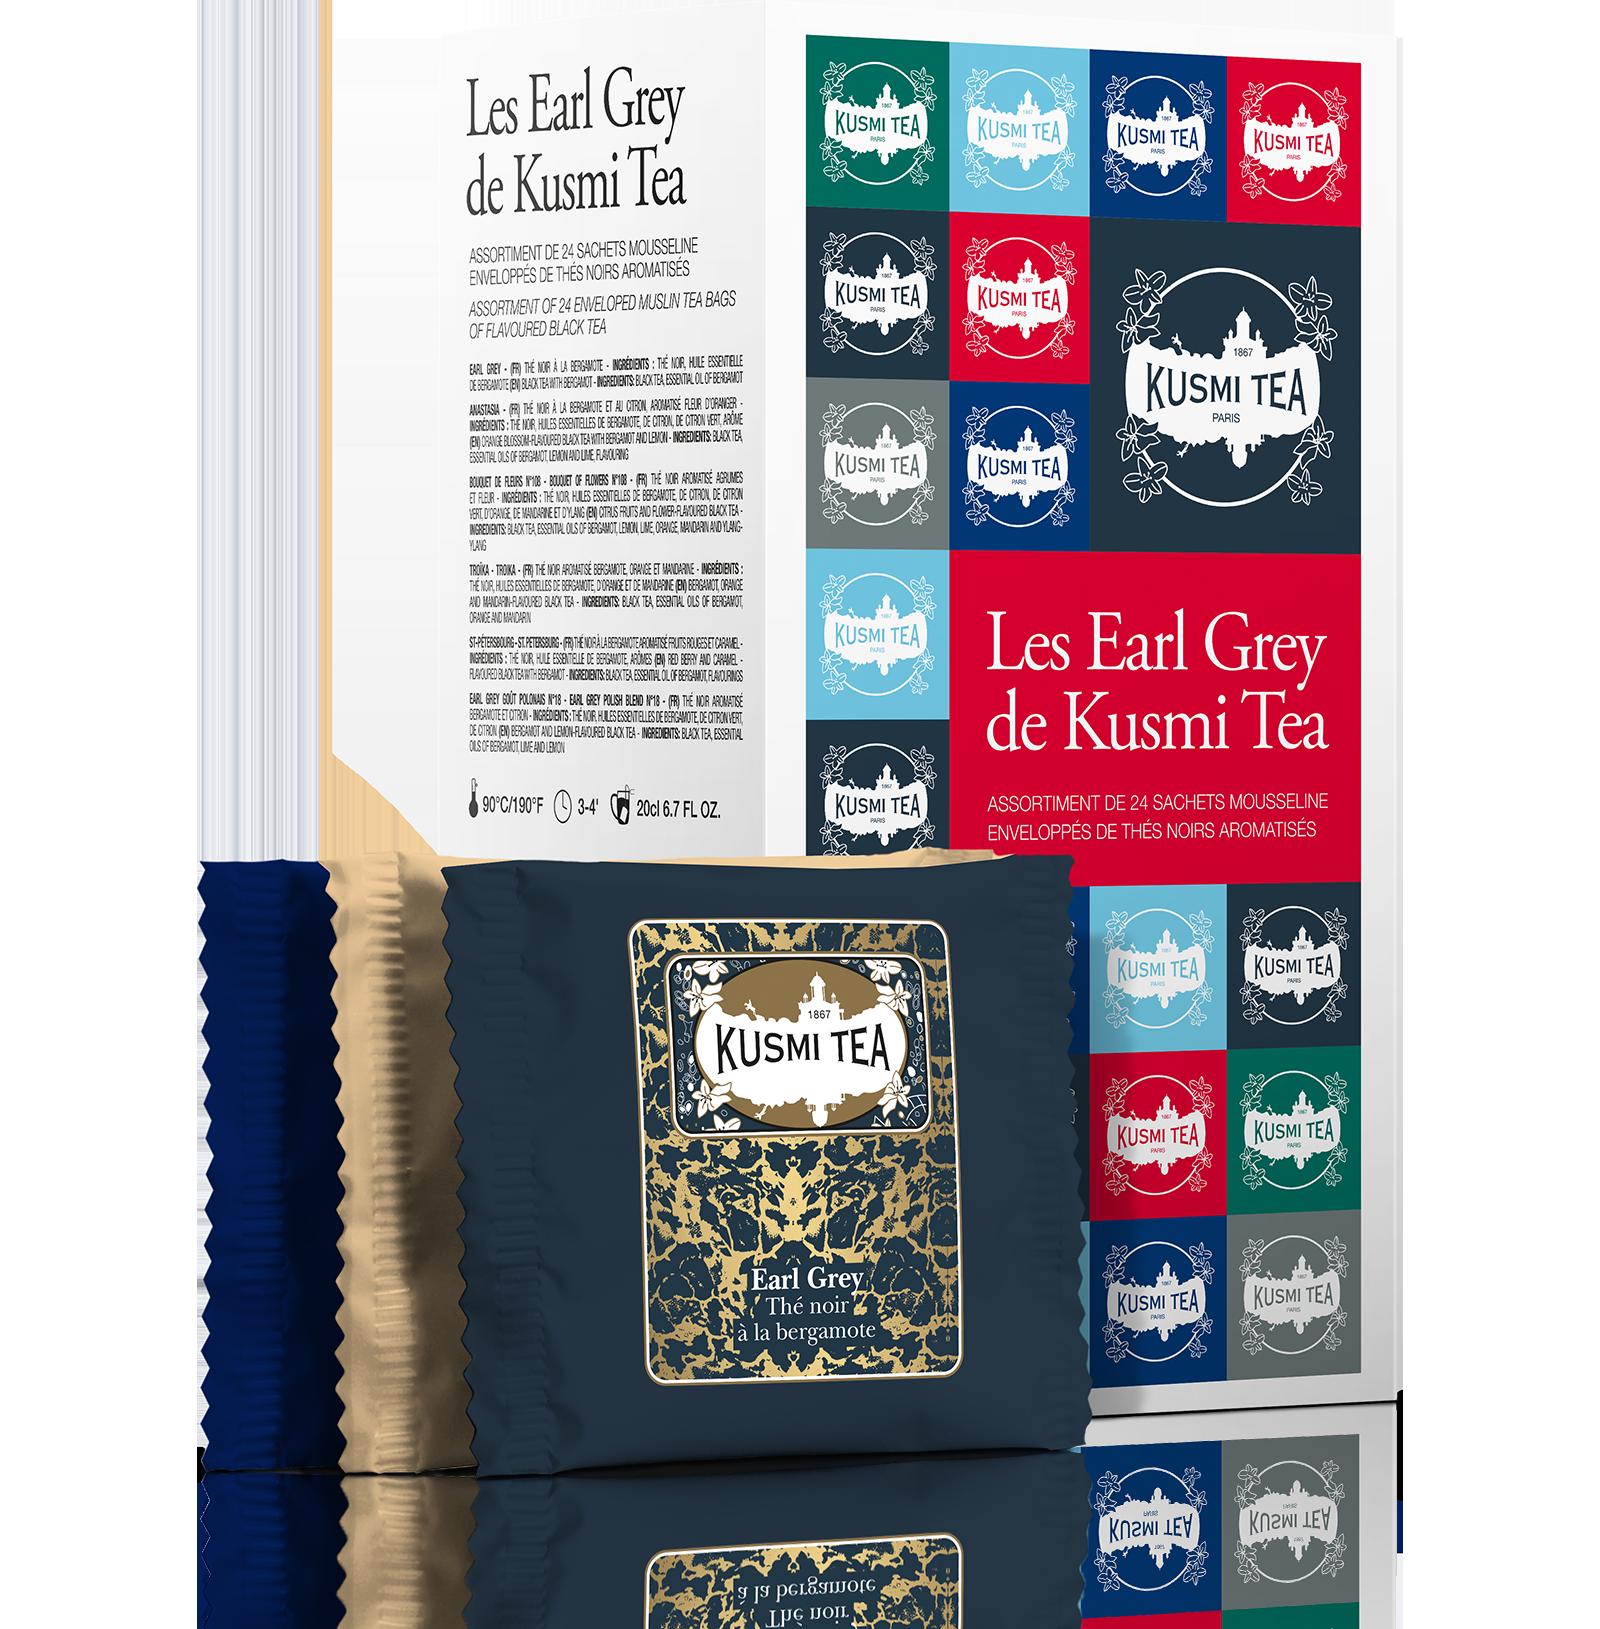 Coffret de thés Les Earl Grey